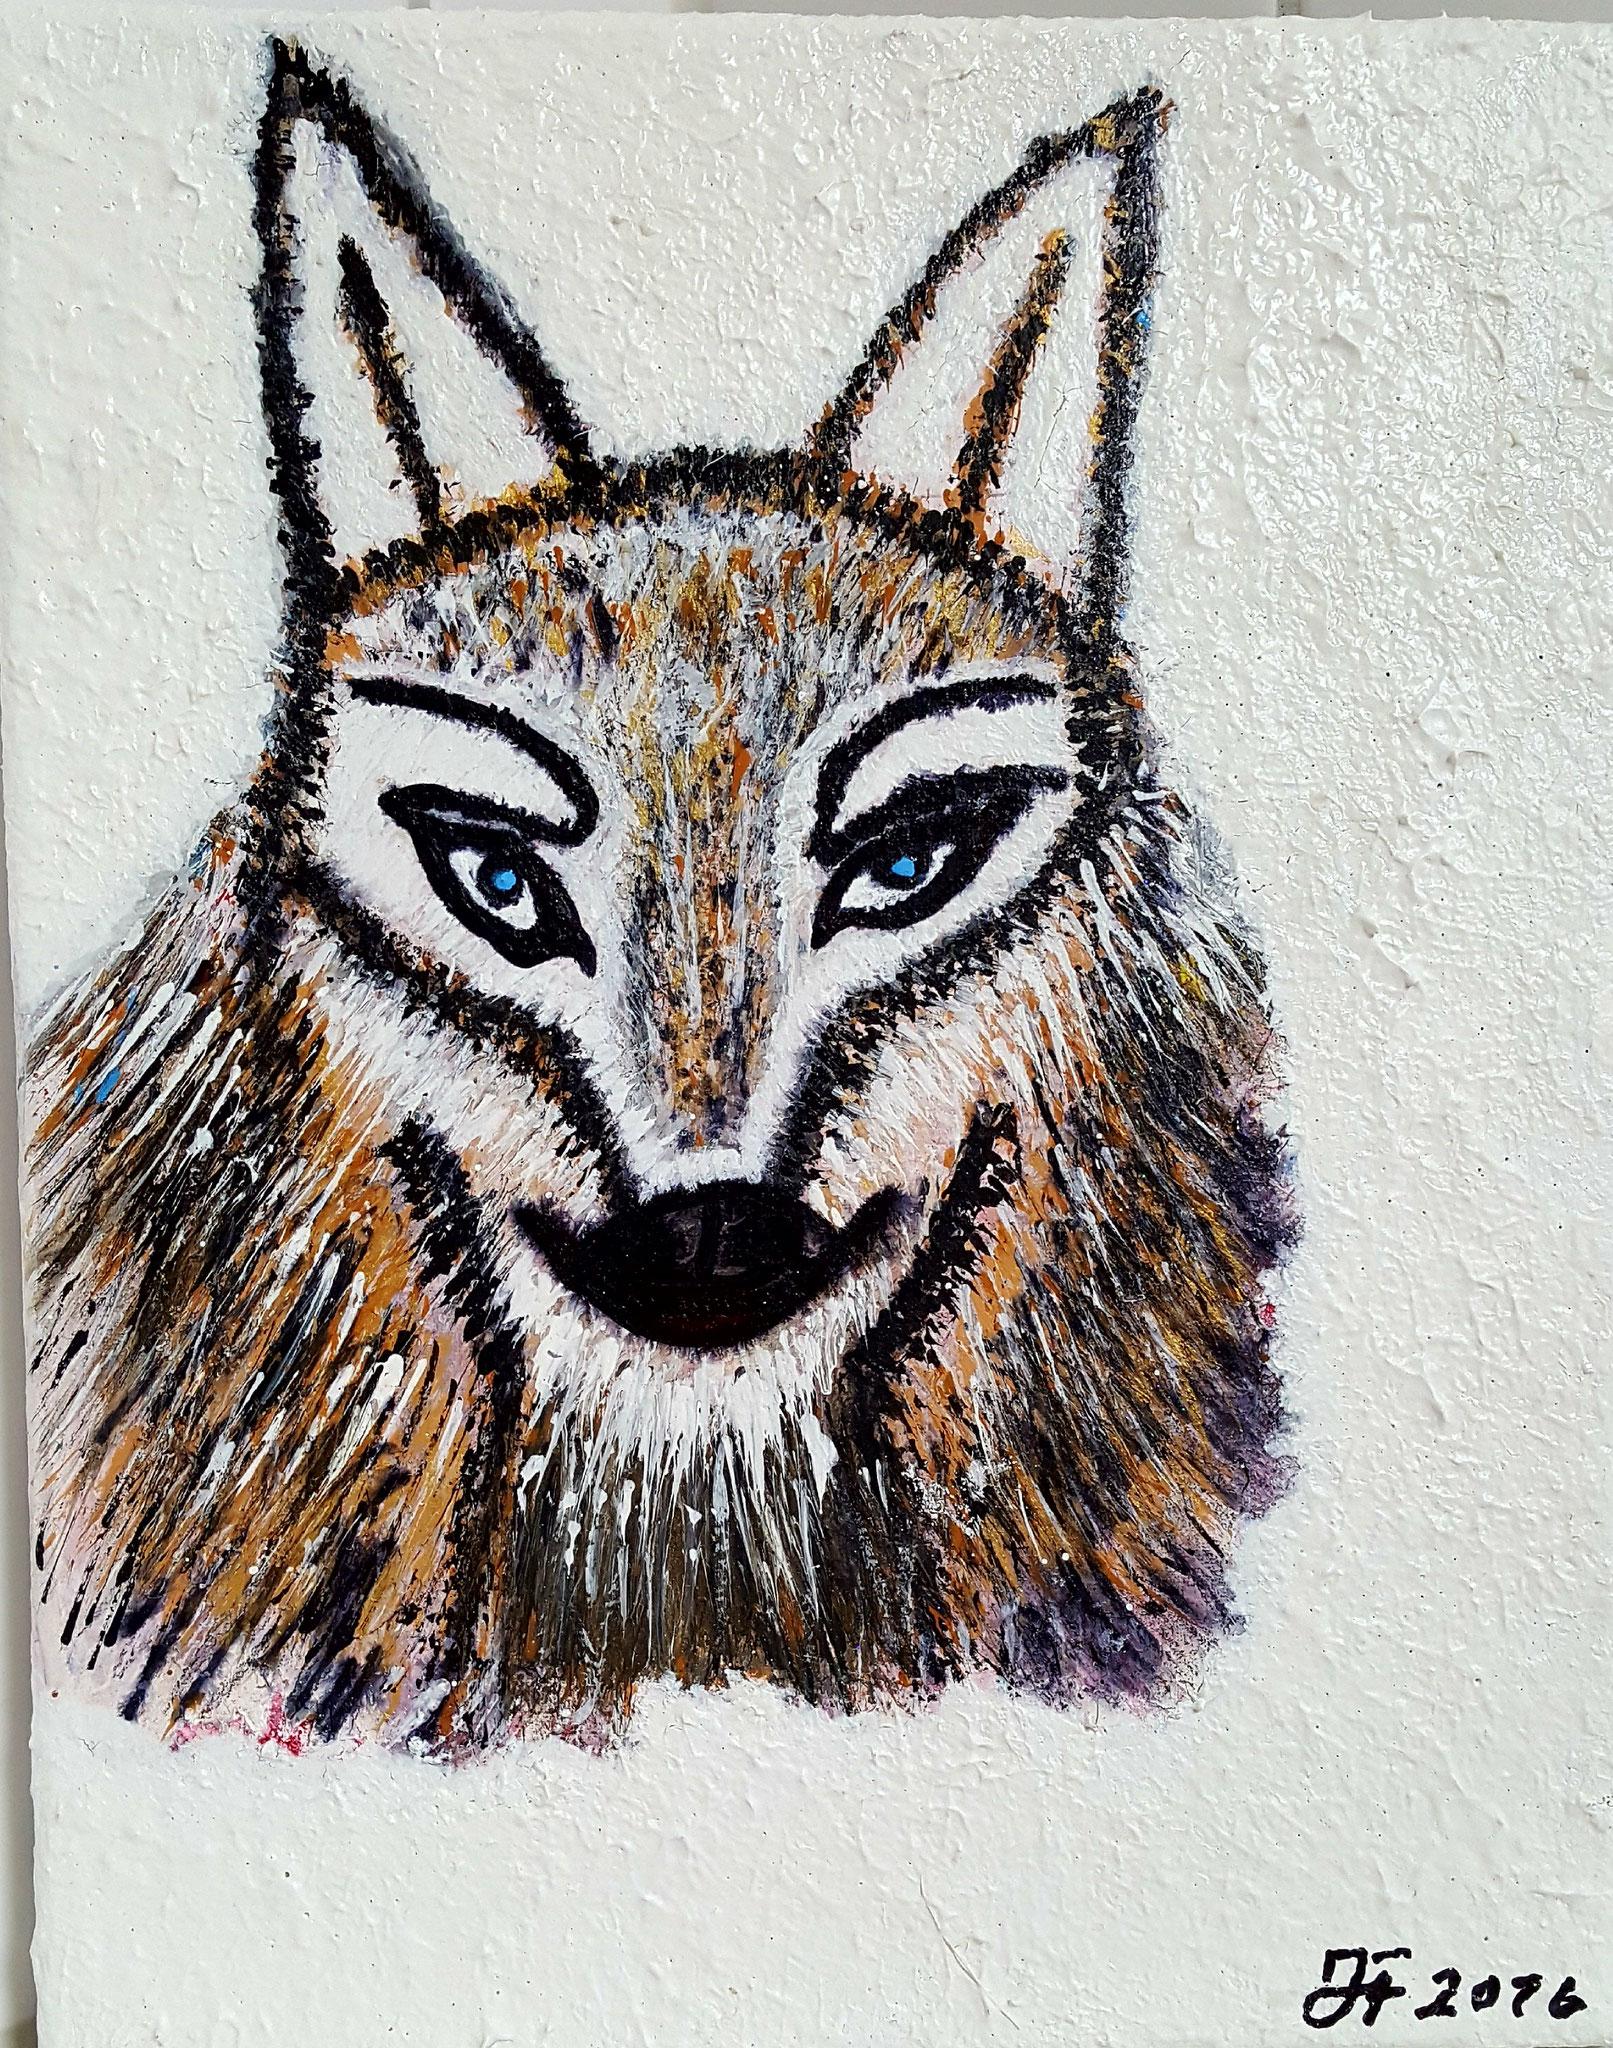 Wolfinchen, Leinwand 30x24 cm Fr. 320.--